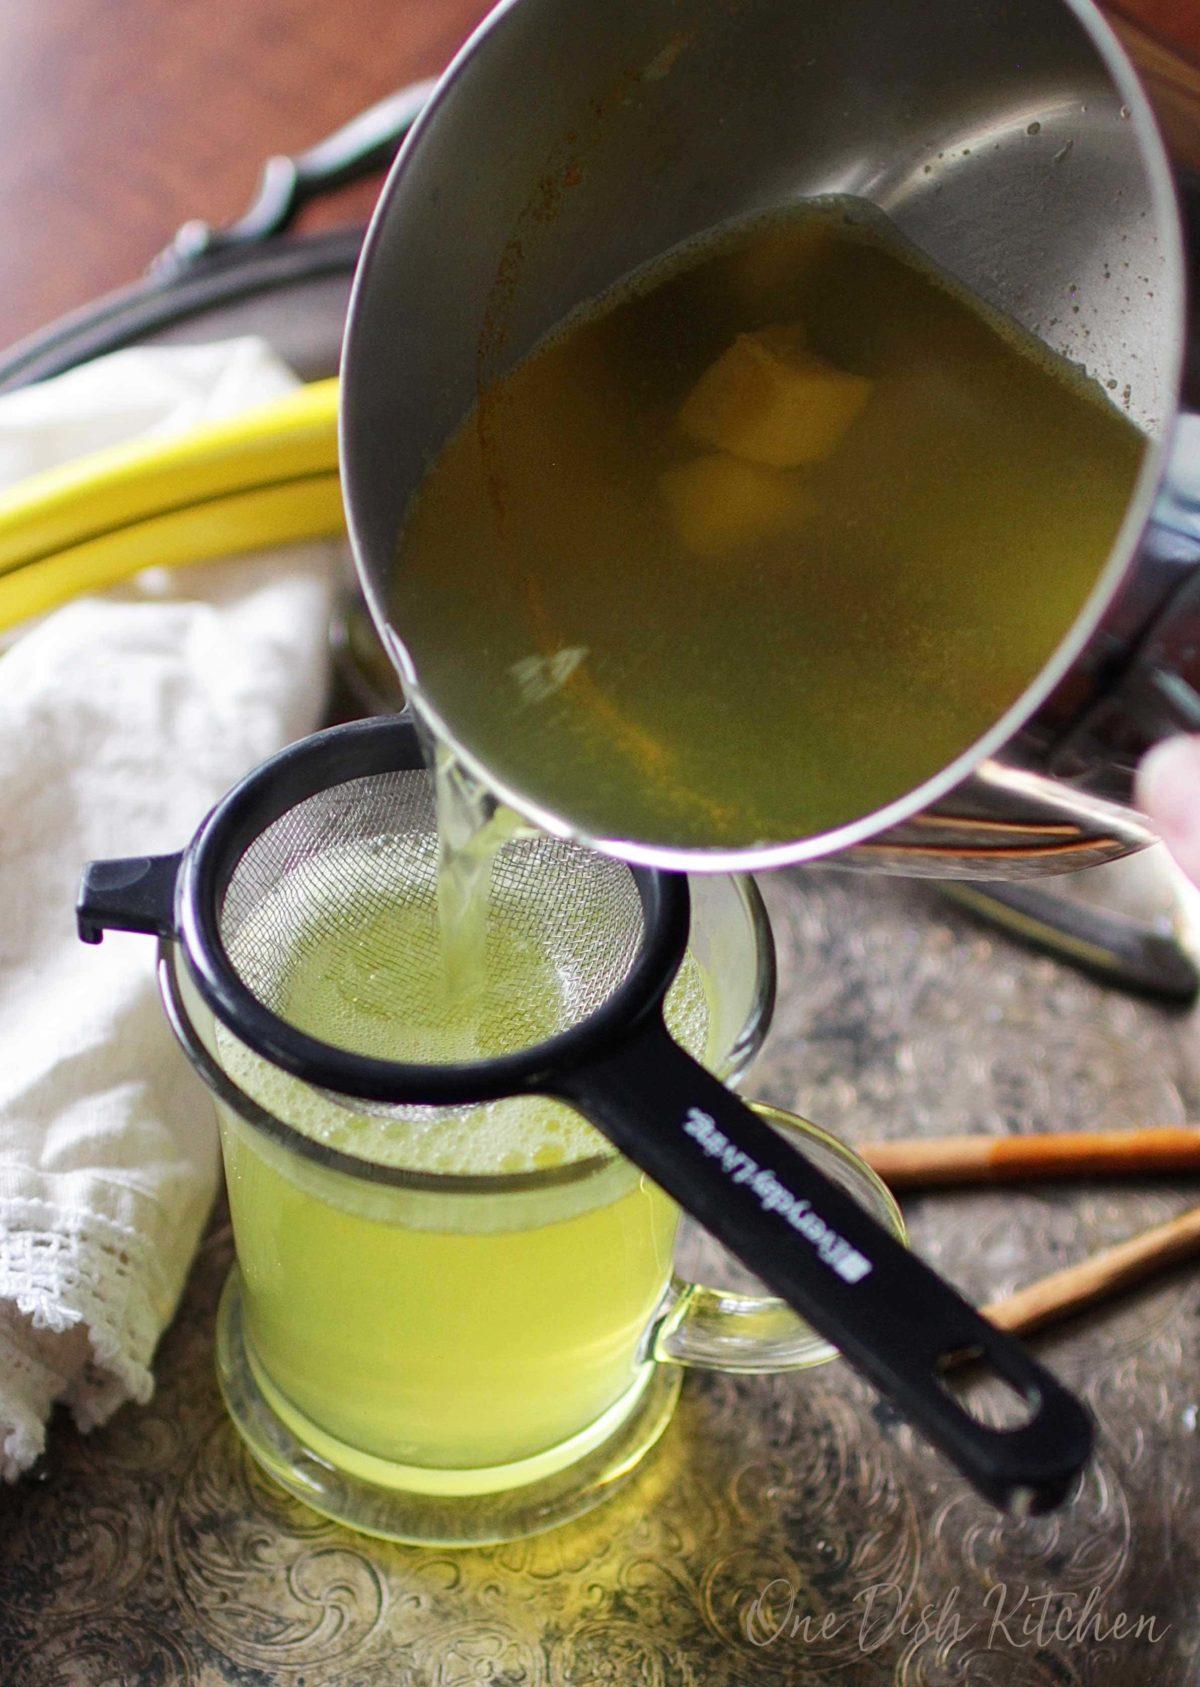 pouring tea into a mug